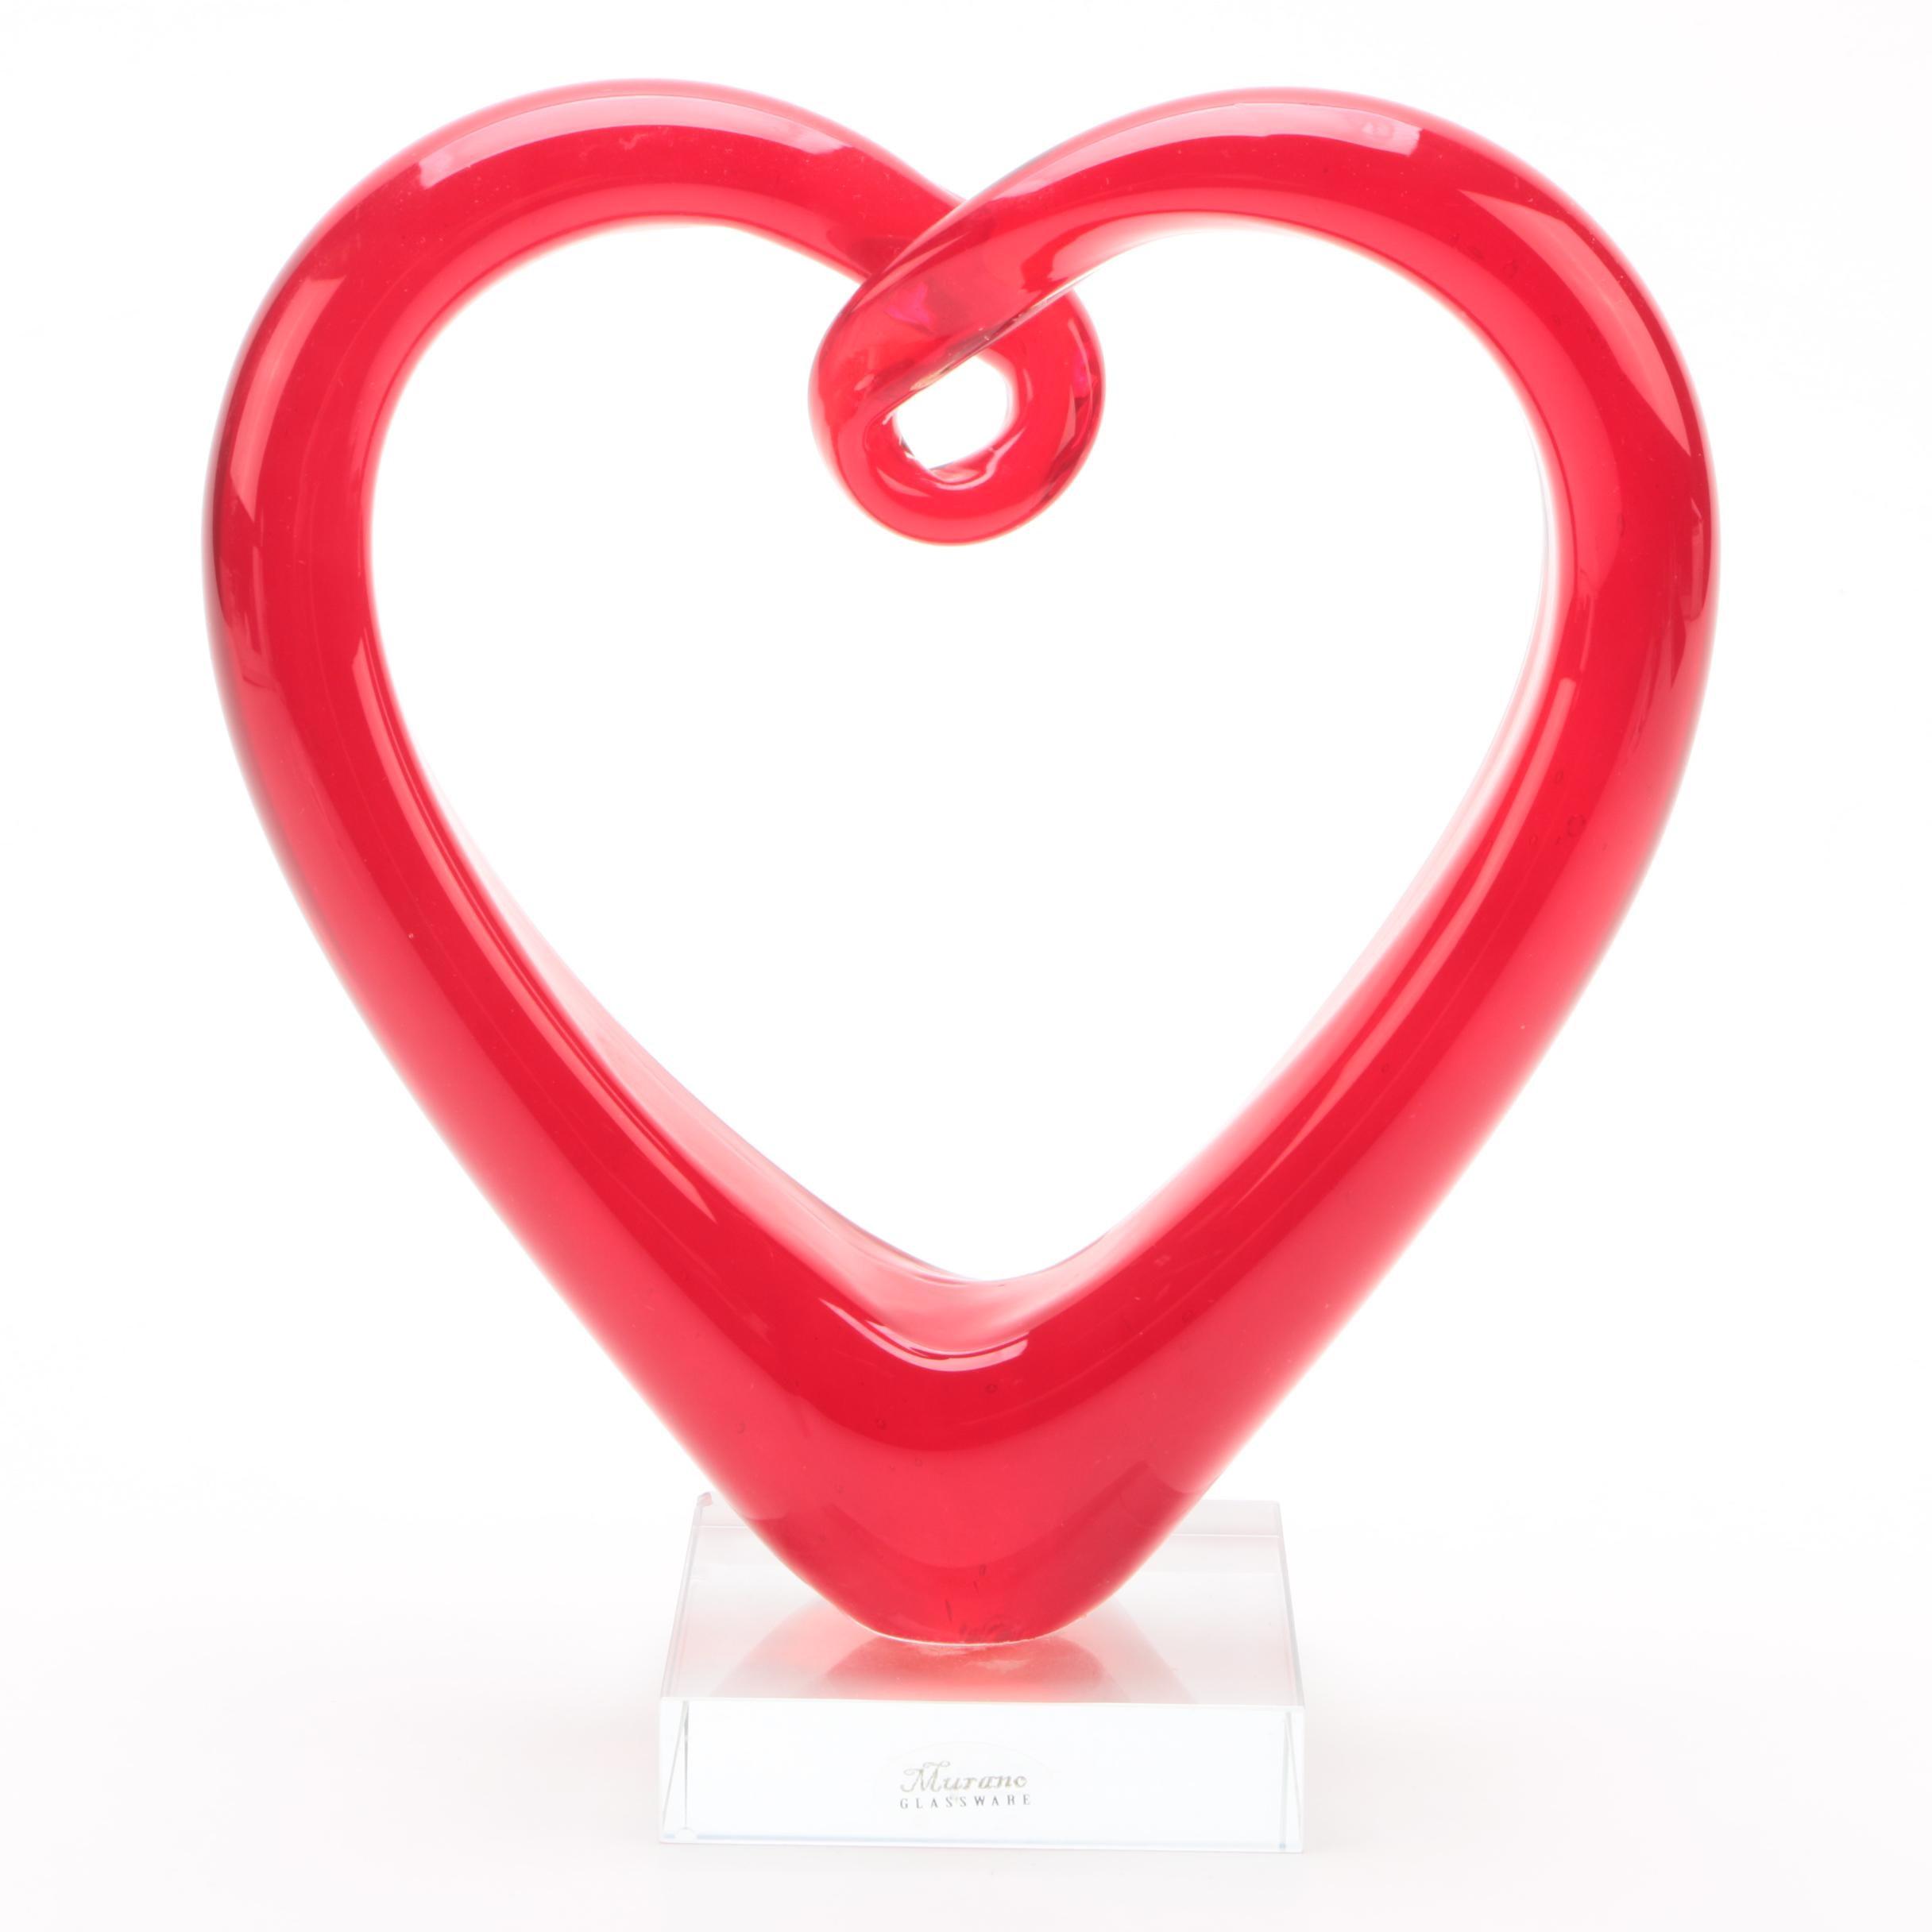 Murano Style Art Glass Heart Sculpture